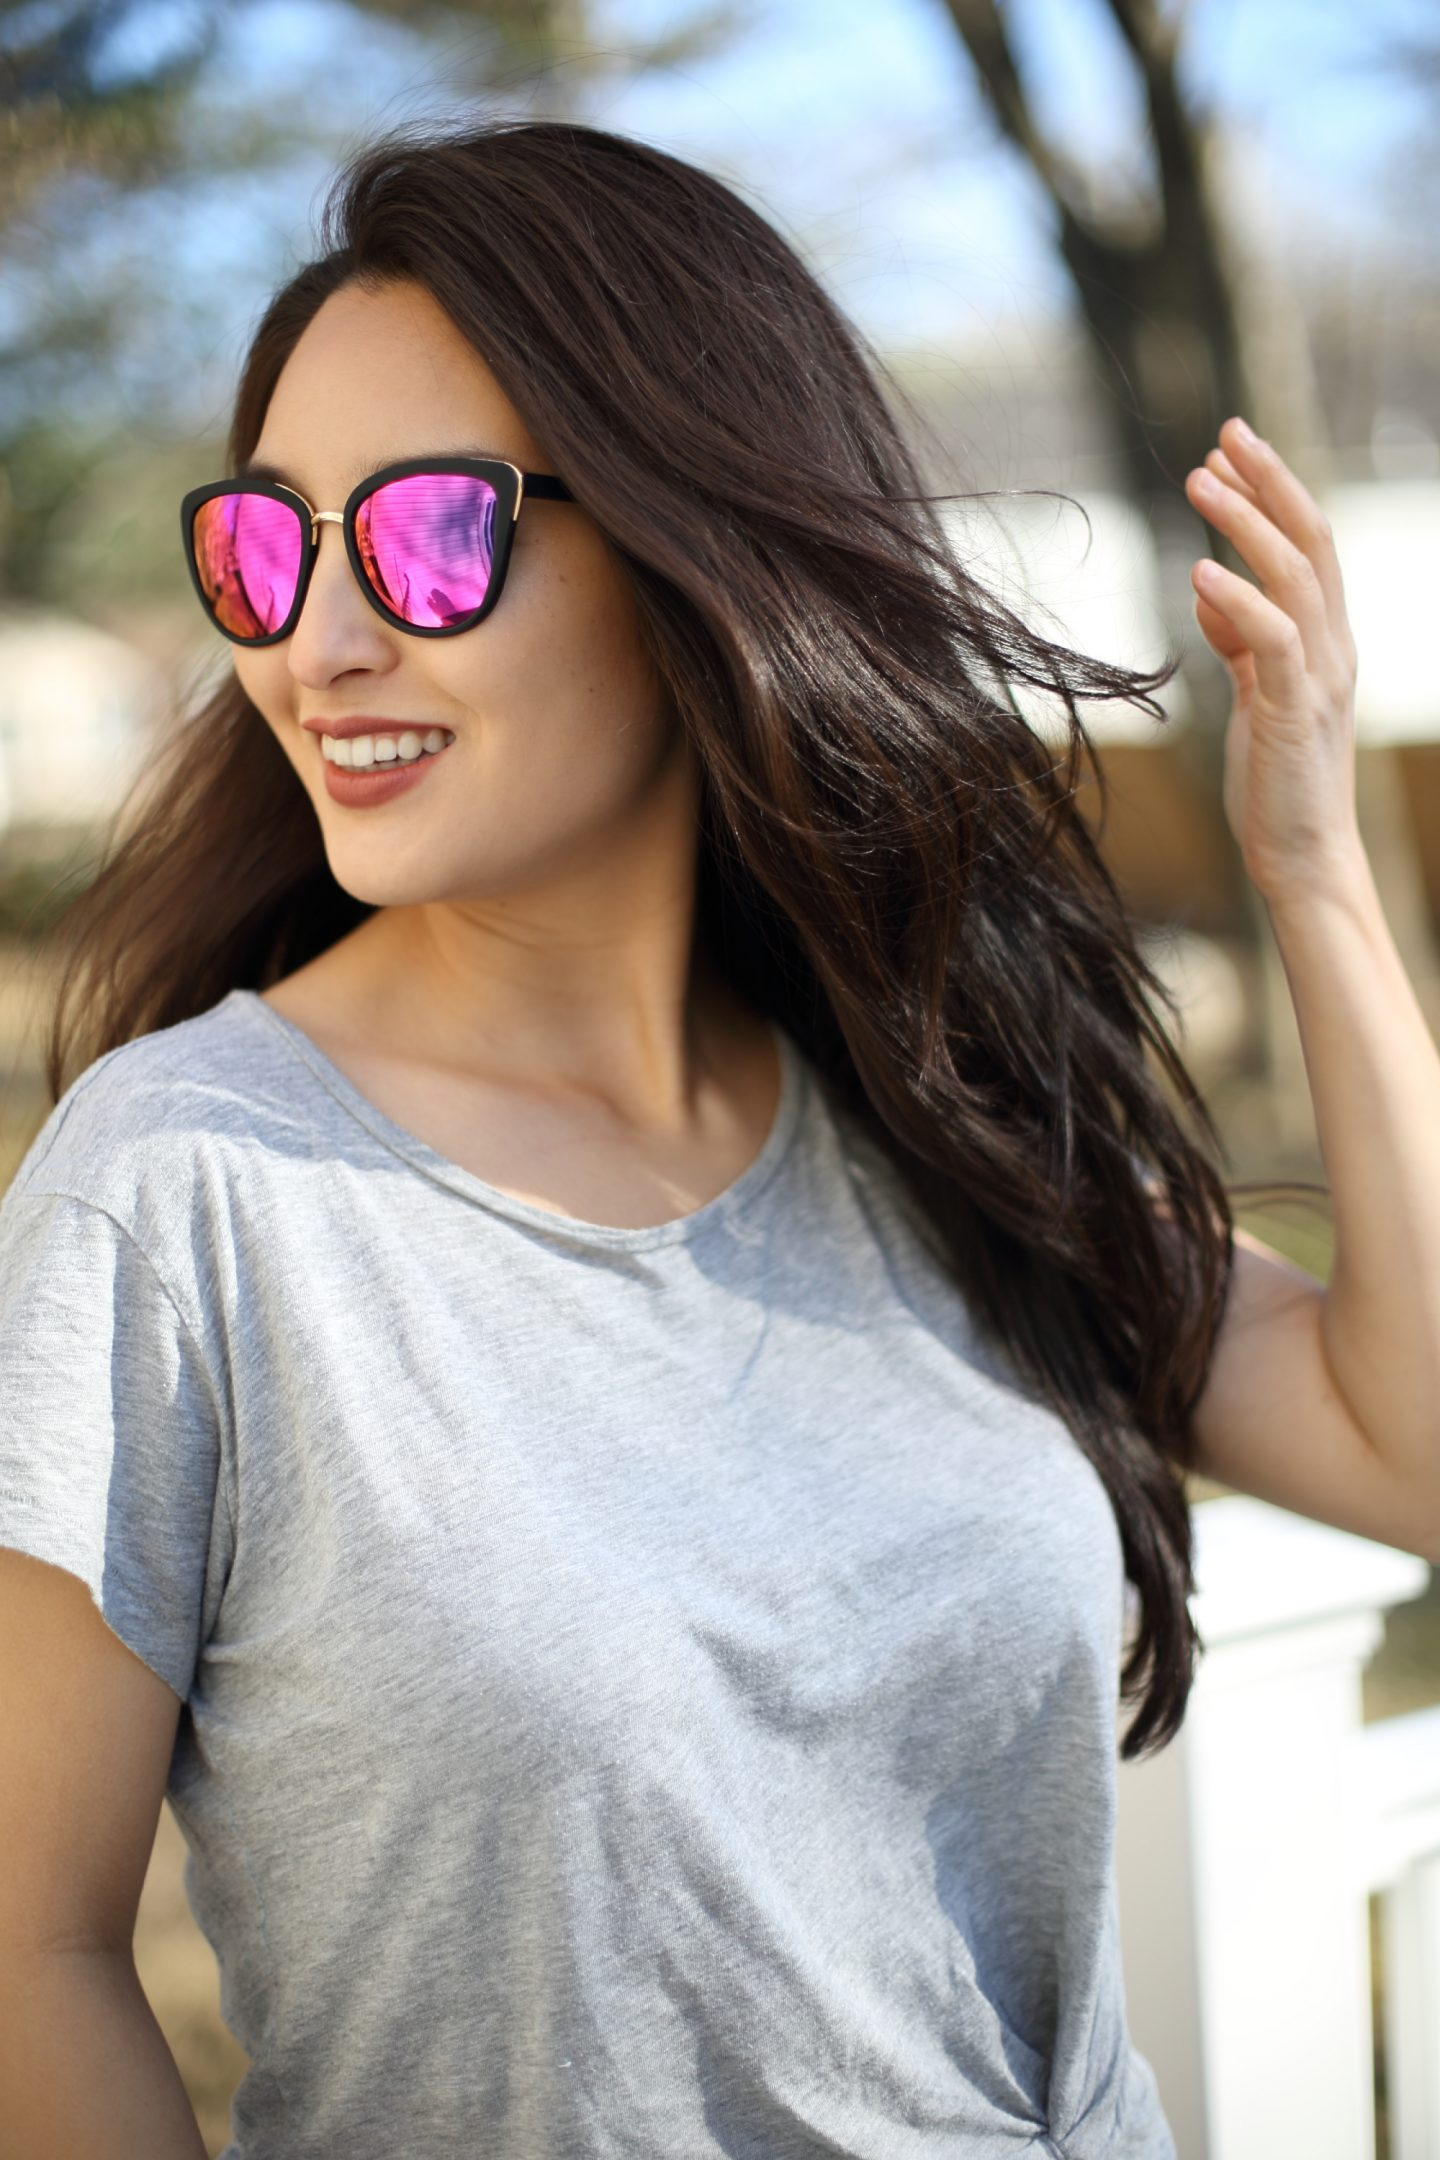 stylish yet affordable sunglasses